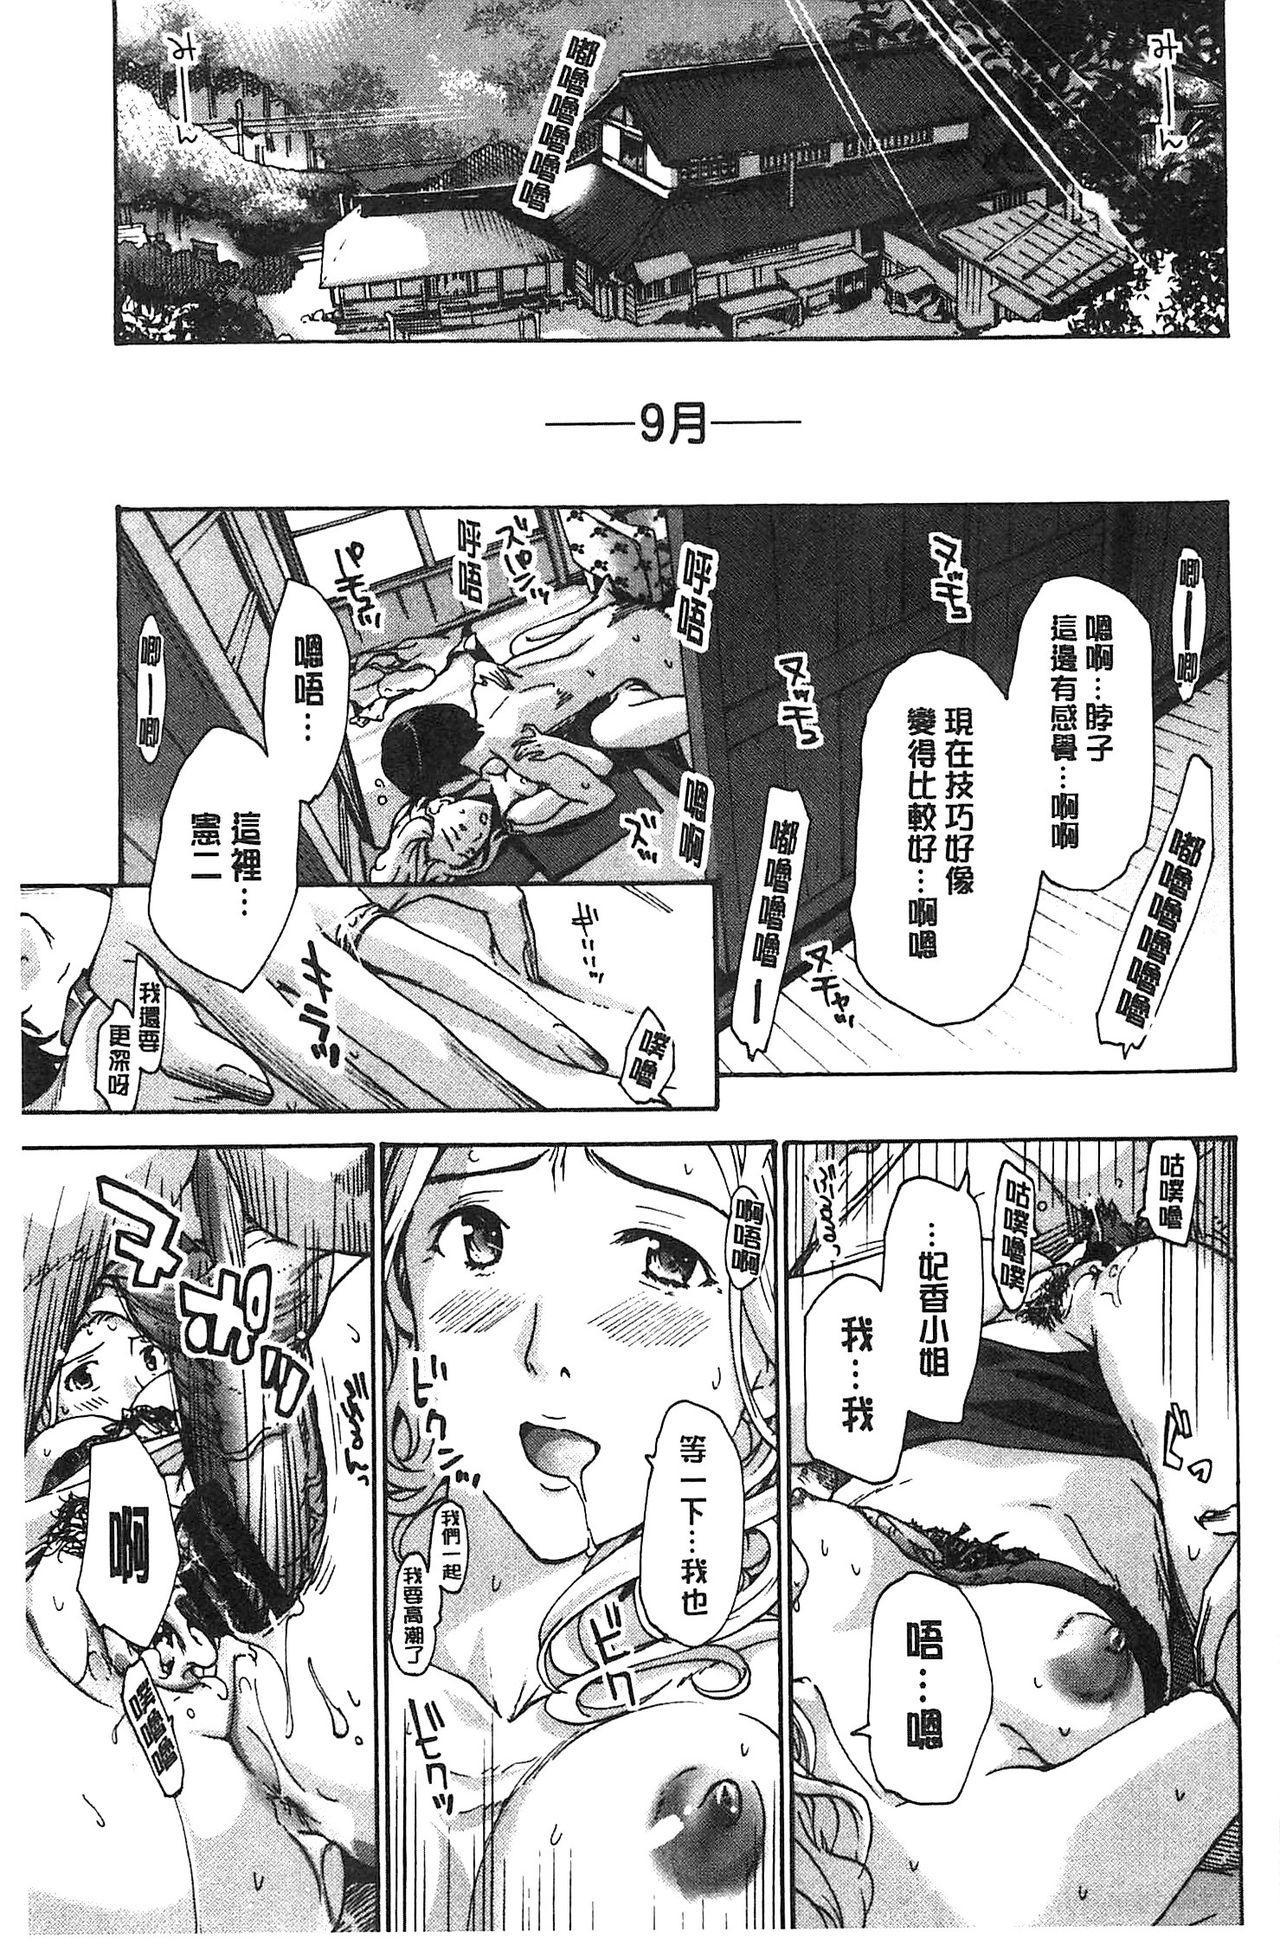 Watashito Iikoto Shiyo? 93